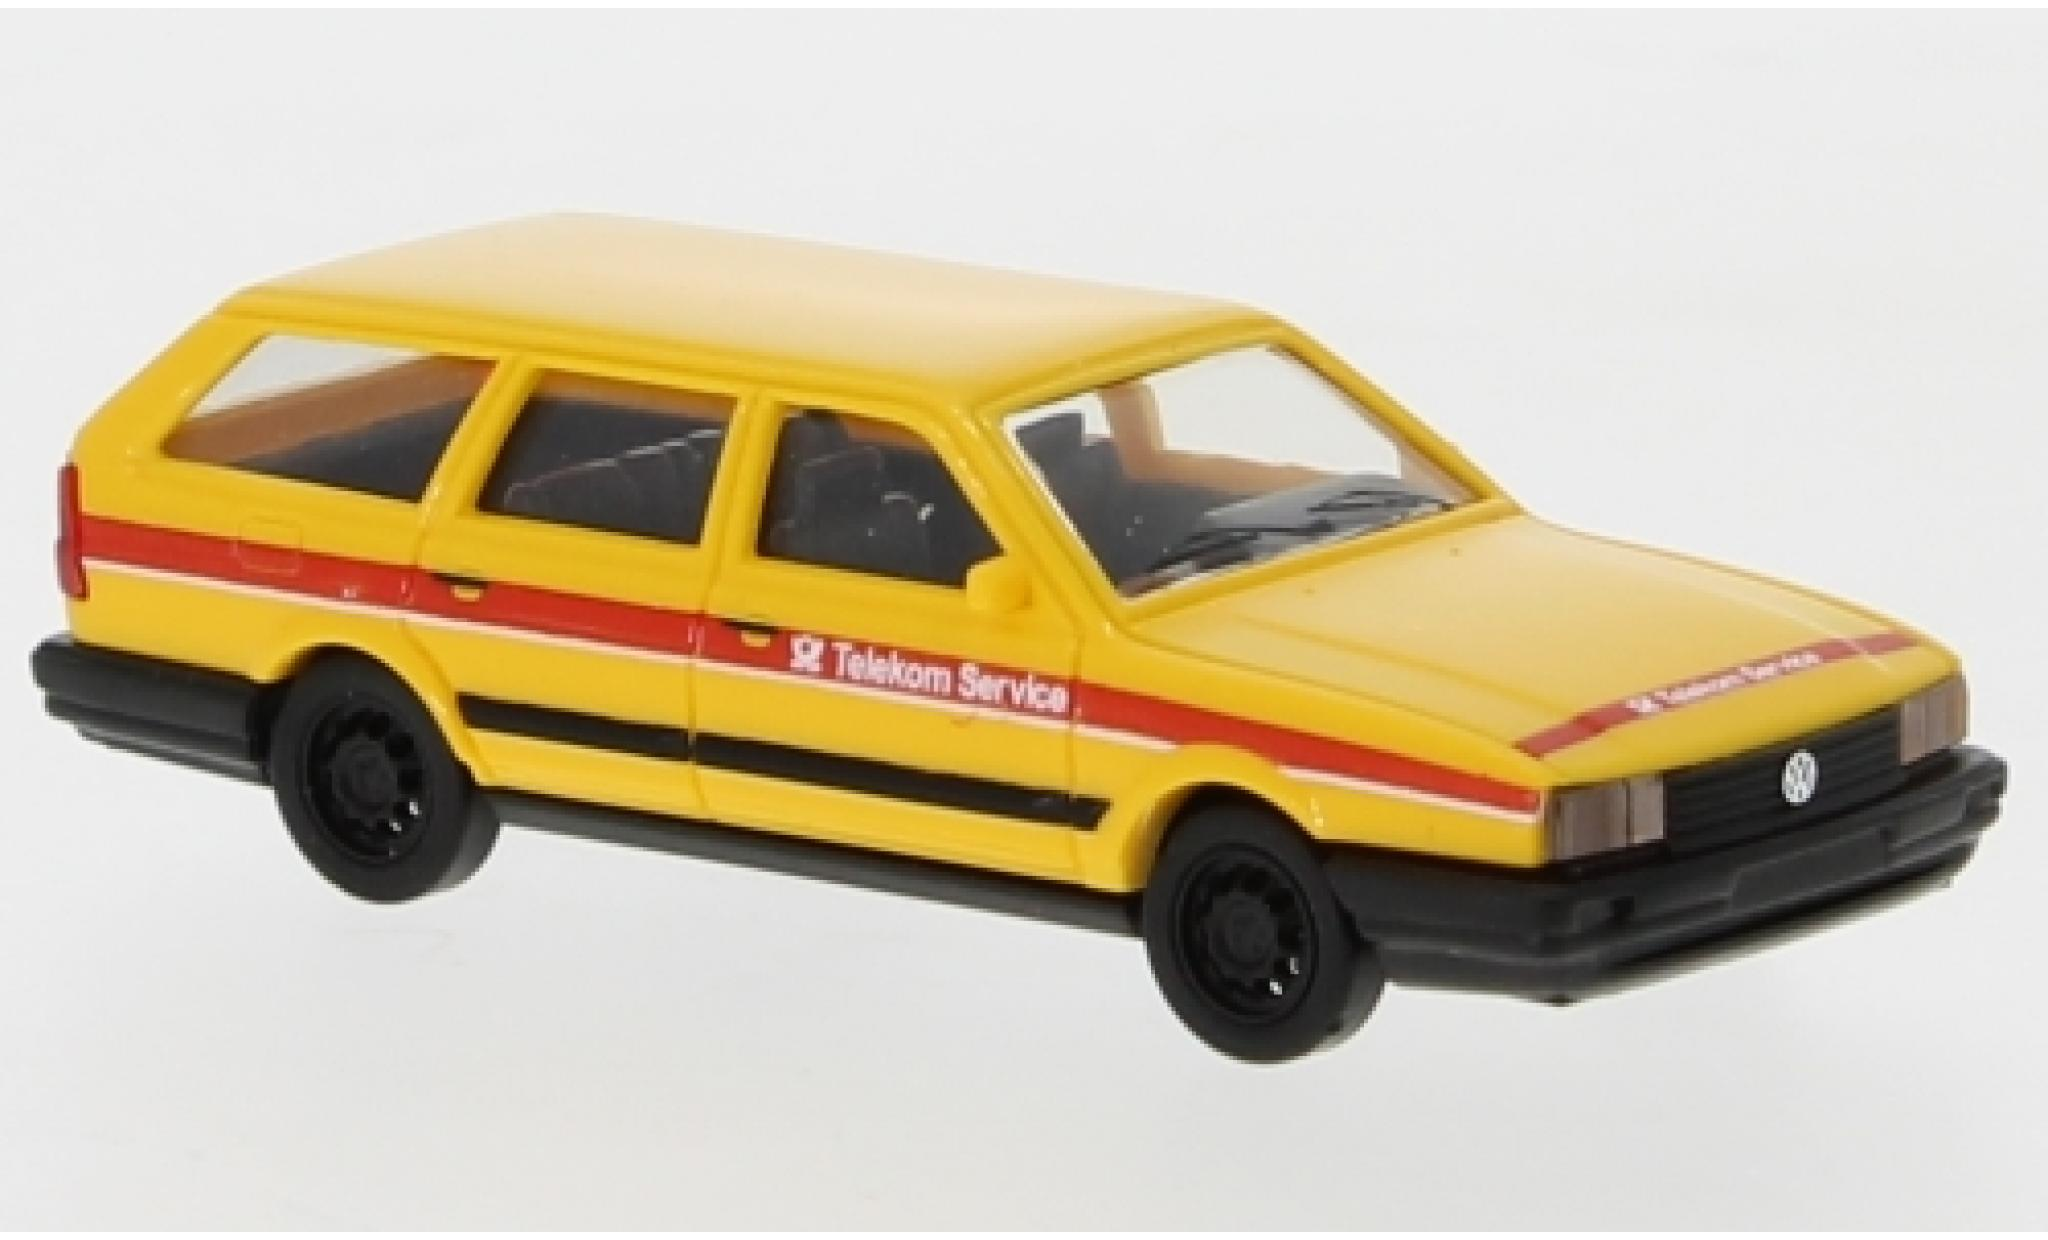 Volkswagen Passat 1/87 Busch Variant Telekom Service